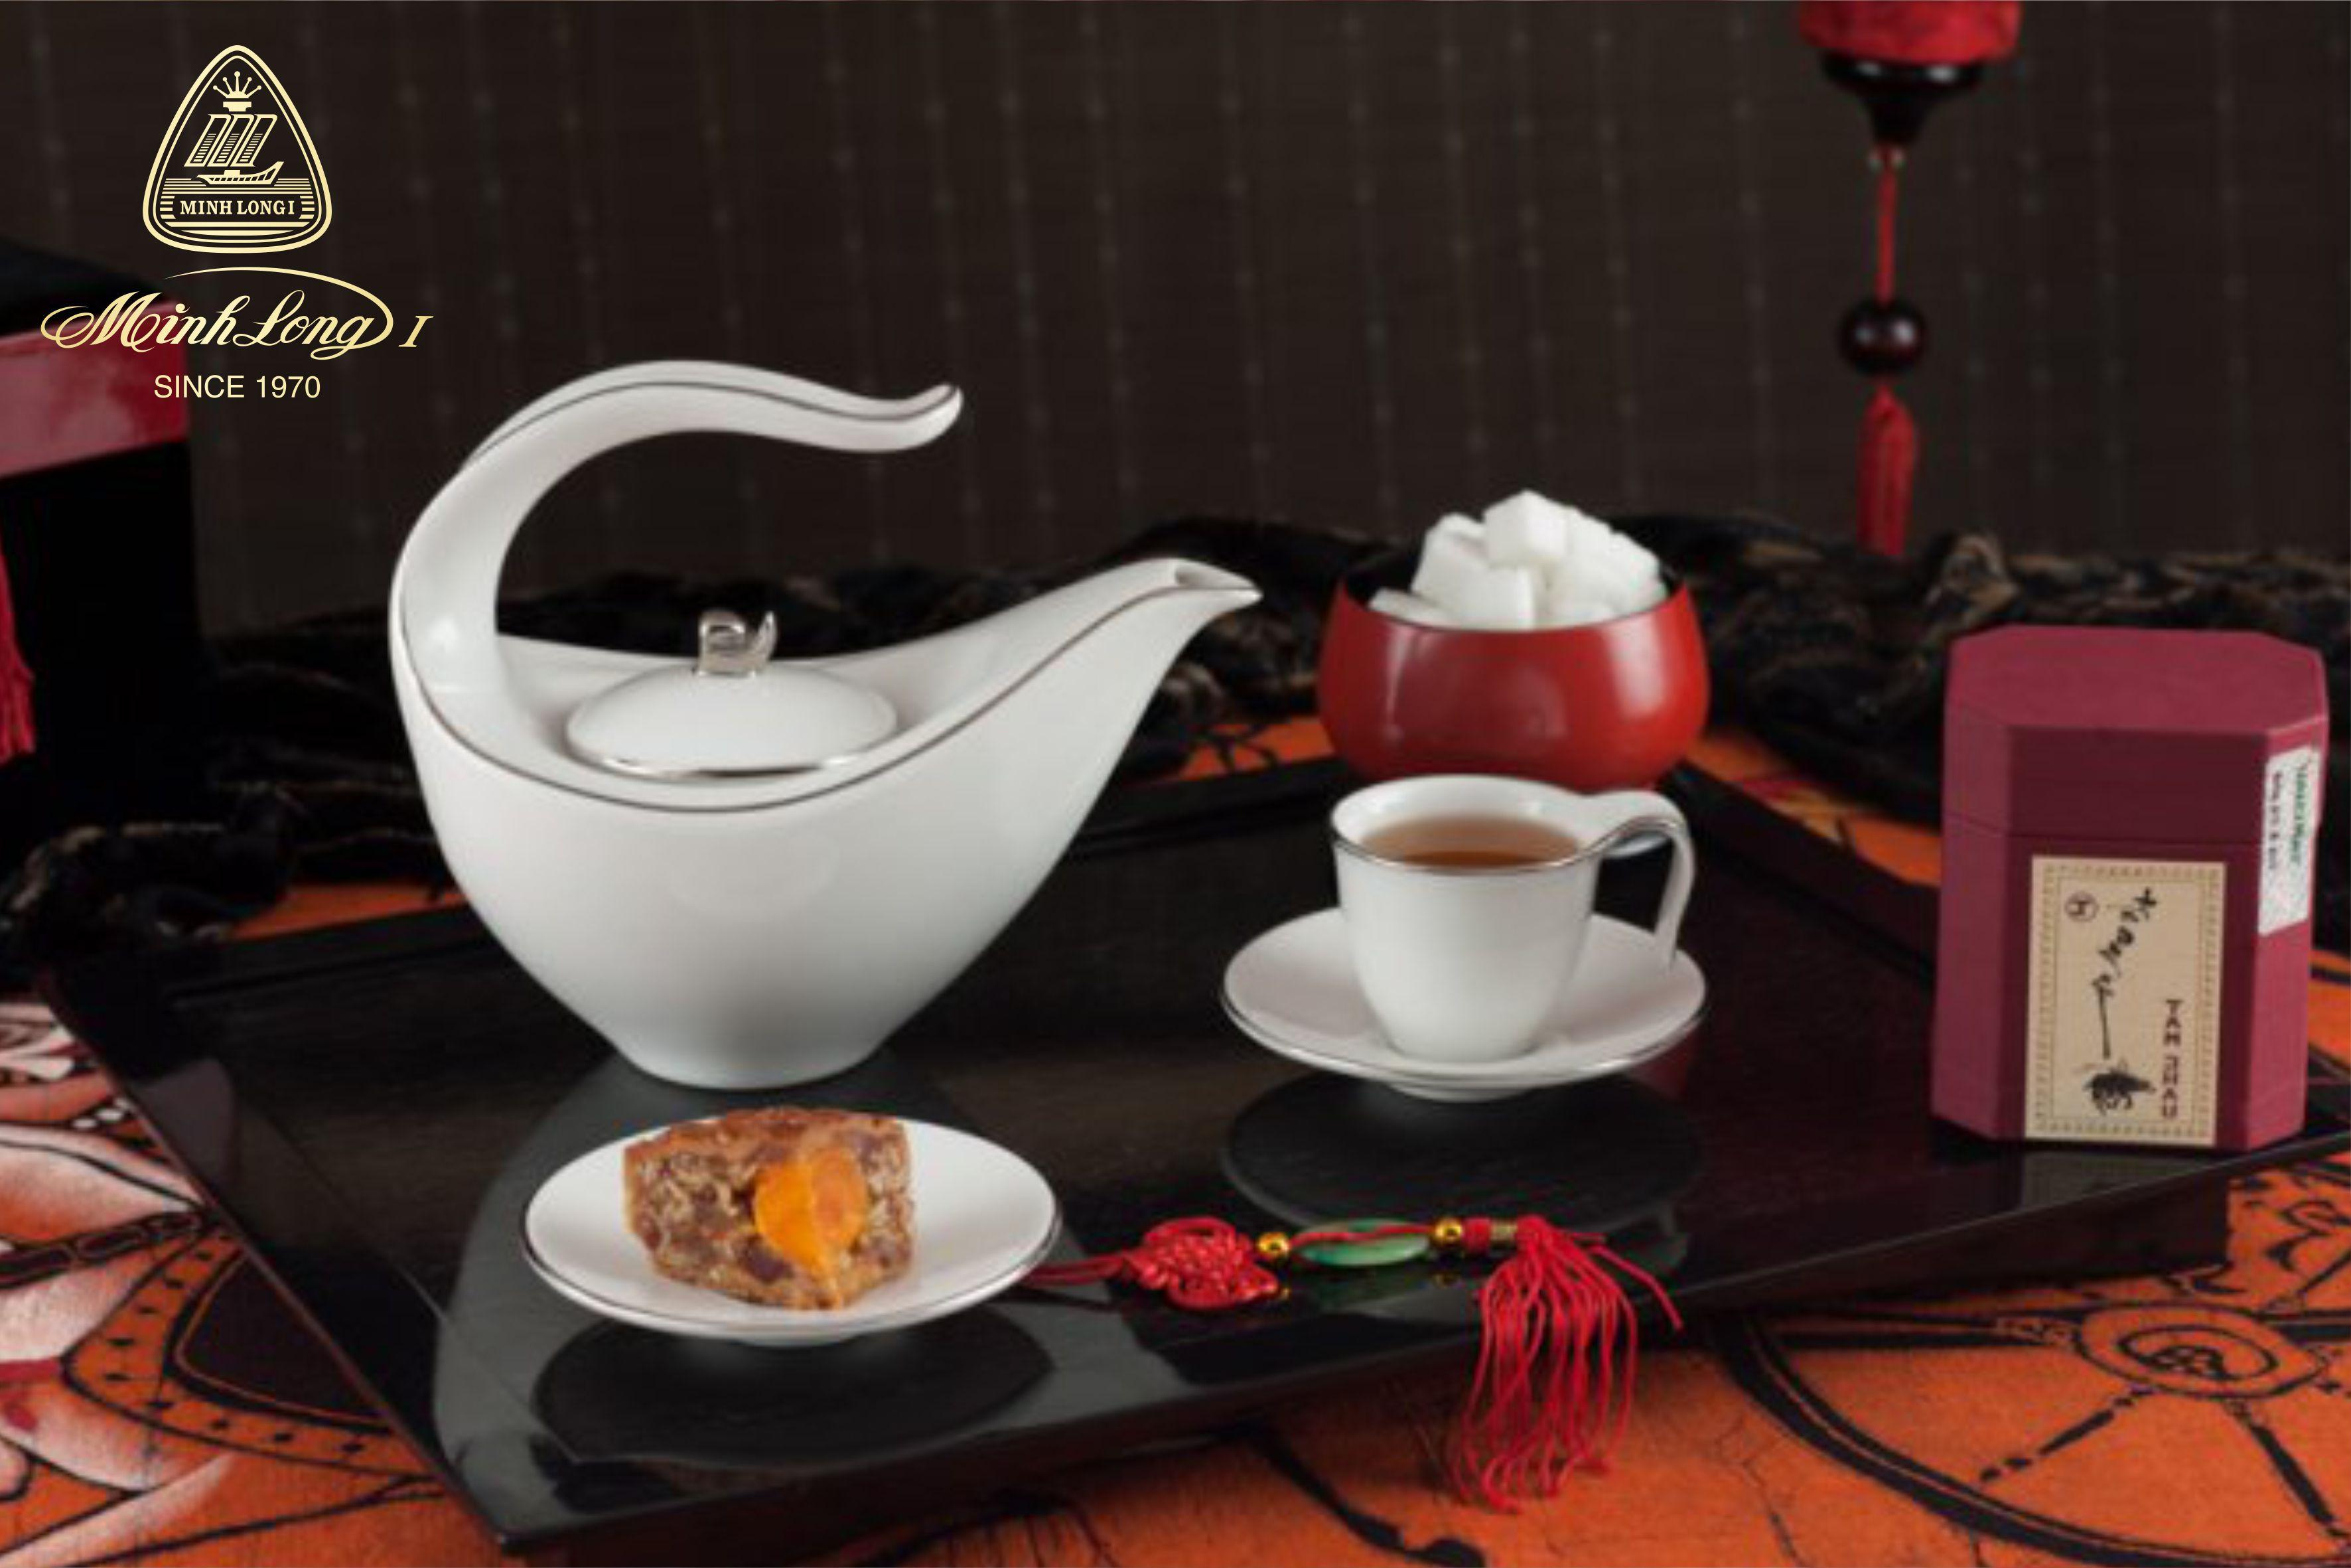 Bộ trà 0.45L Anh Vũ Chỉ Bạch Kim 01458004303 Minh Long